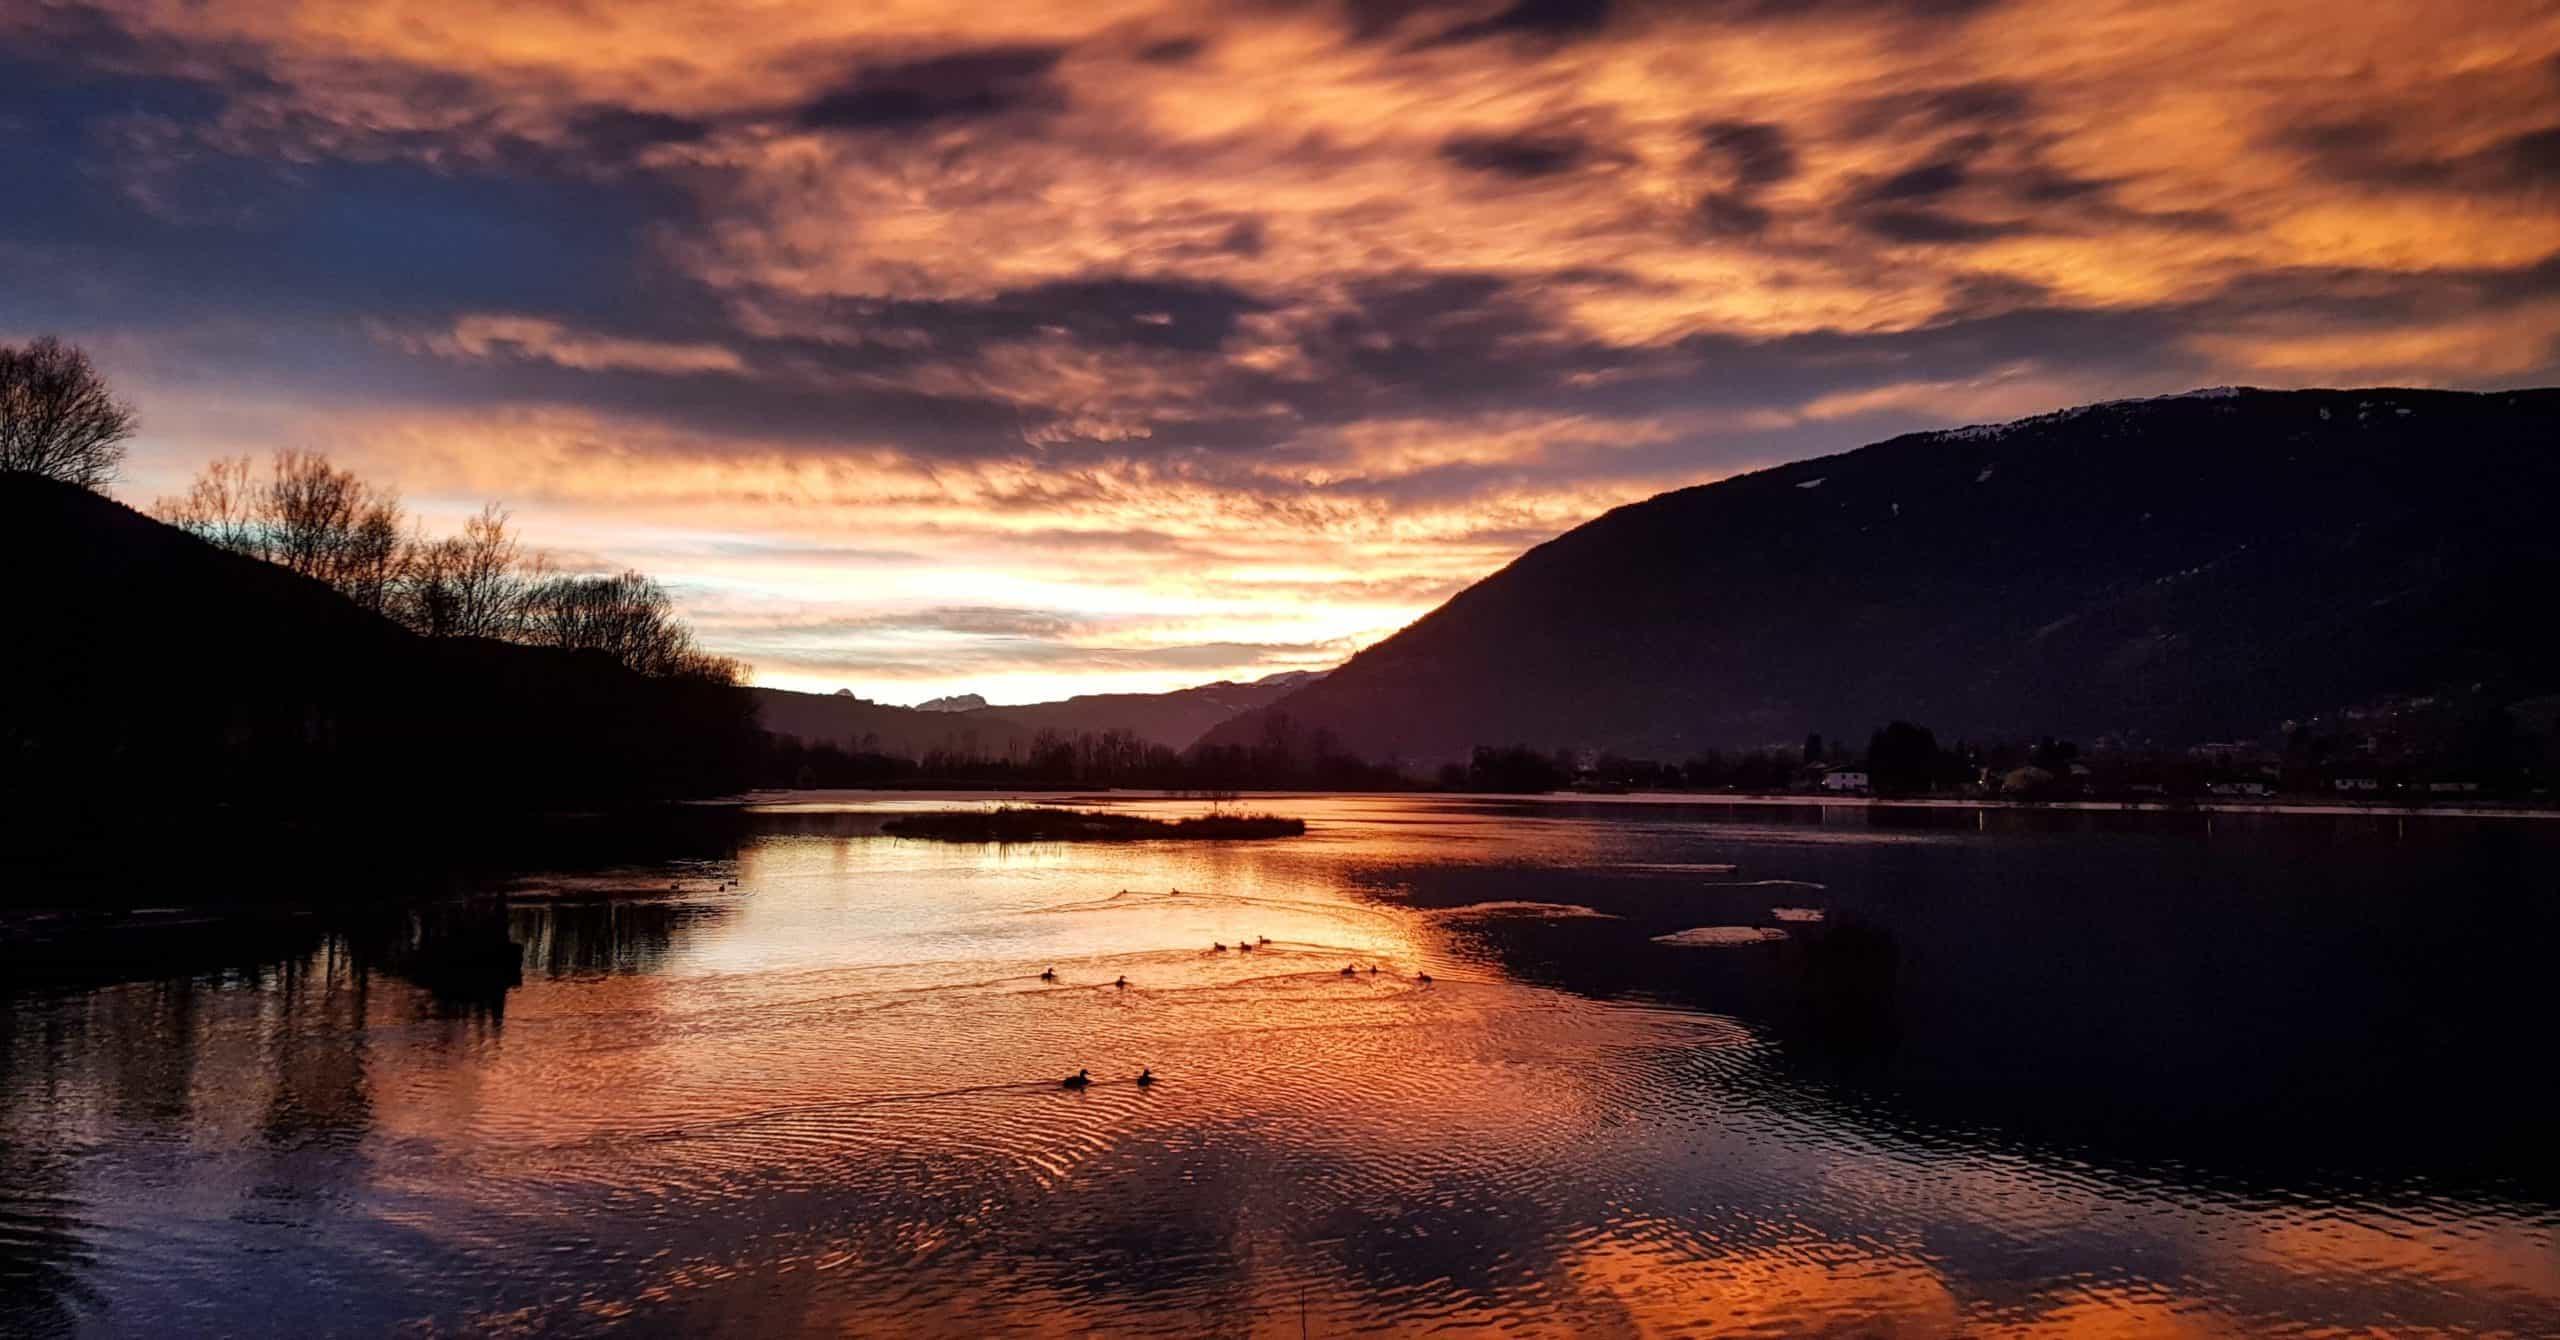 Abendstimmung mit Wolkenhimmel am Ossiacher See in der Region Villach mit Blick auf Gerlitzen, Dobratsch und Bleistätter Moor.